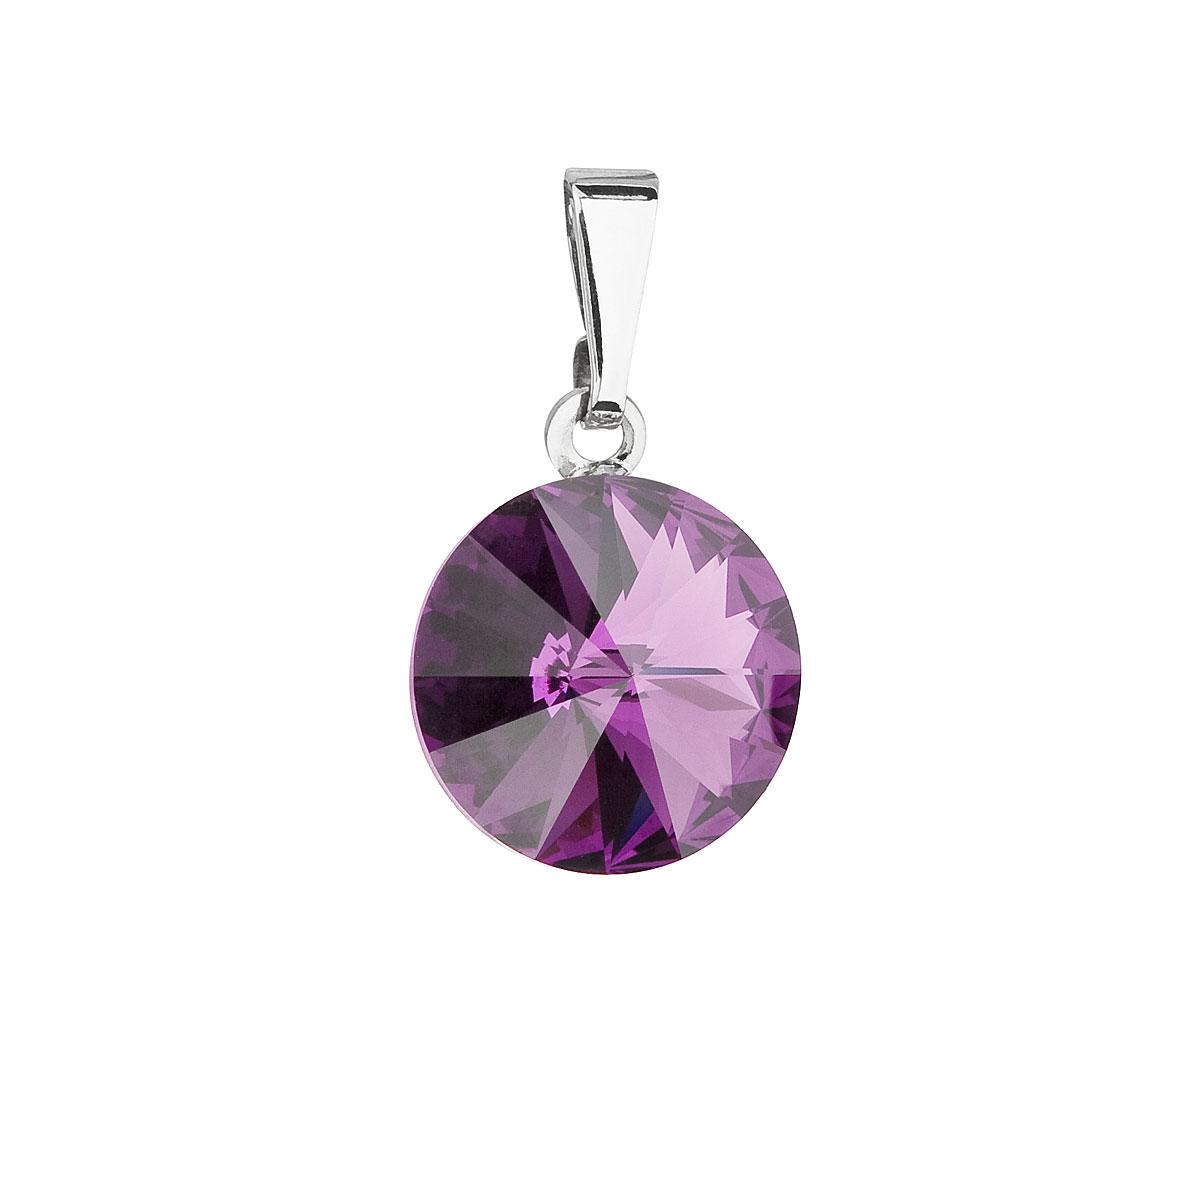 Evolution Group Přívěsek se Swarovski krystaly fialový kulatý 54001.3 amethyst